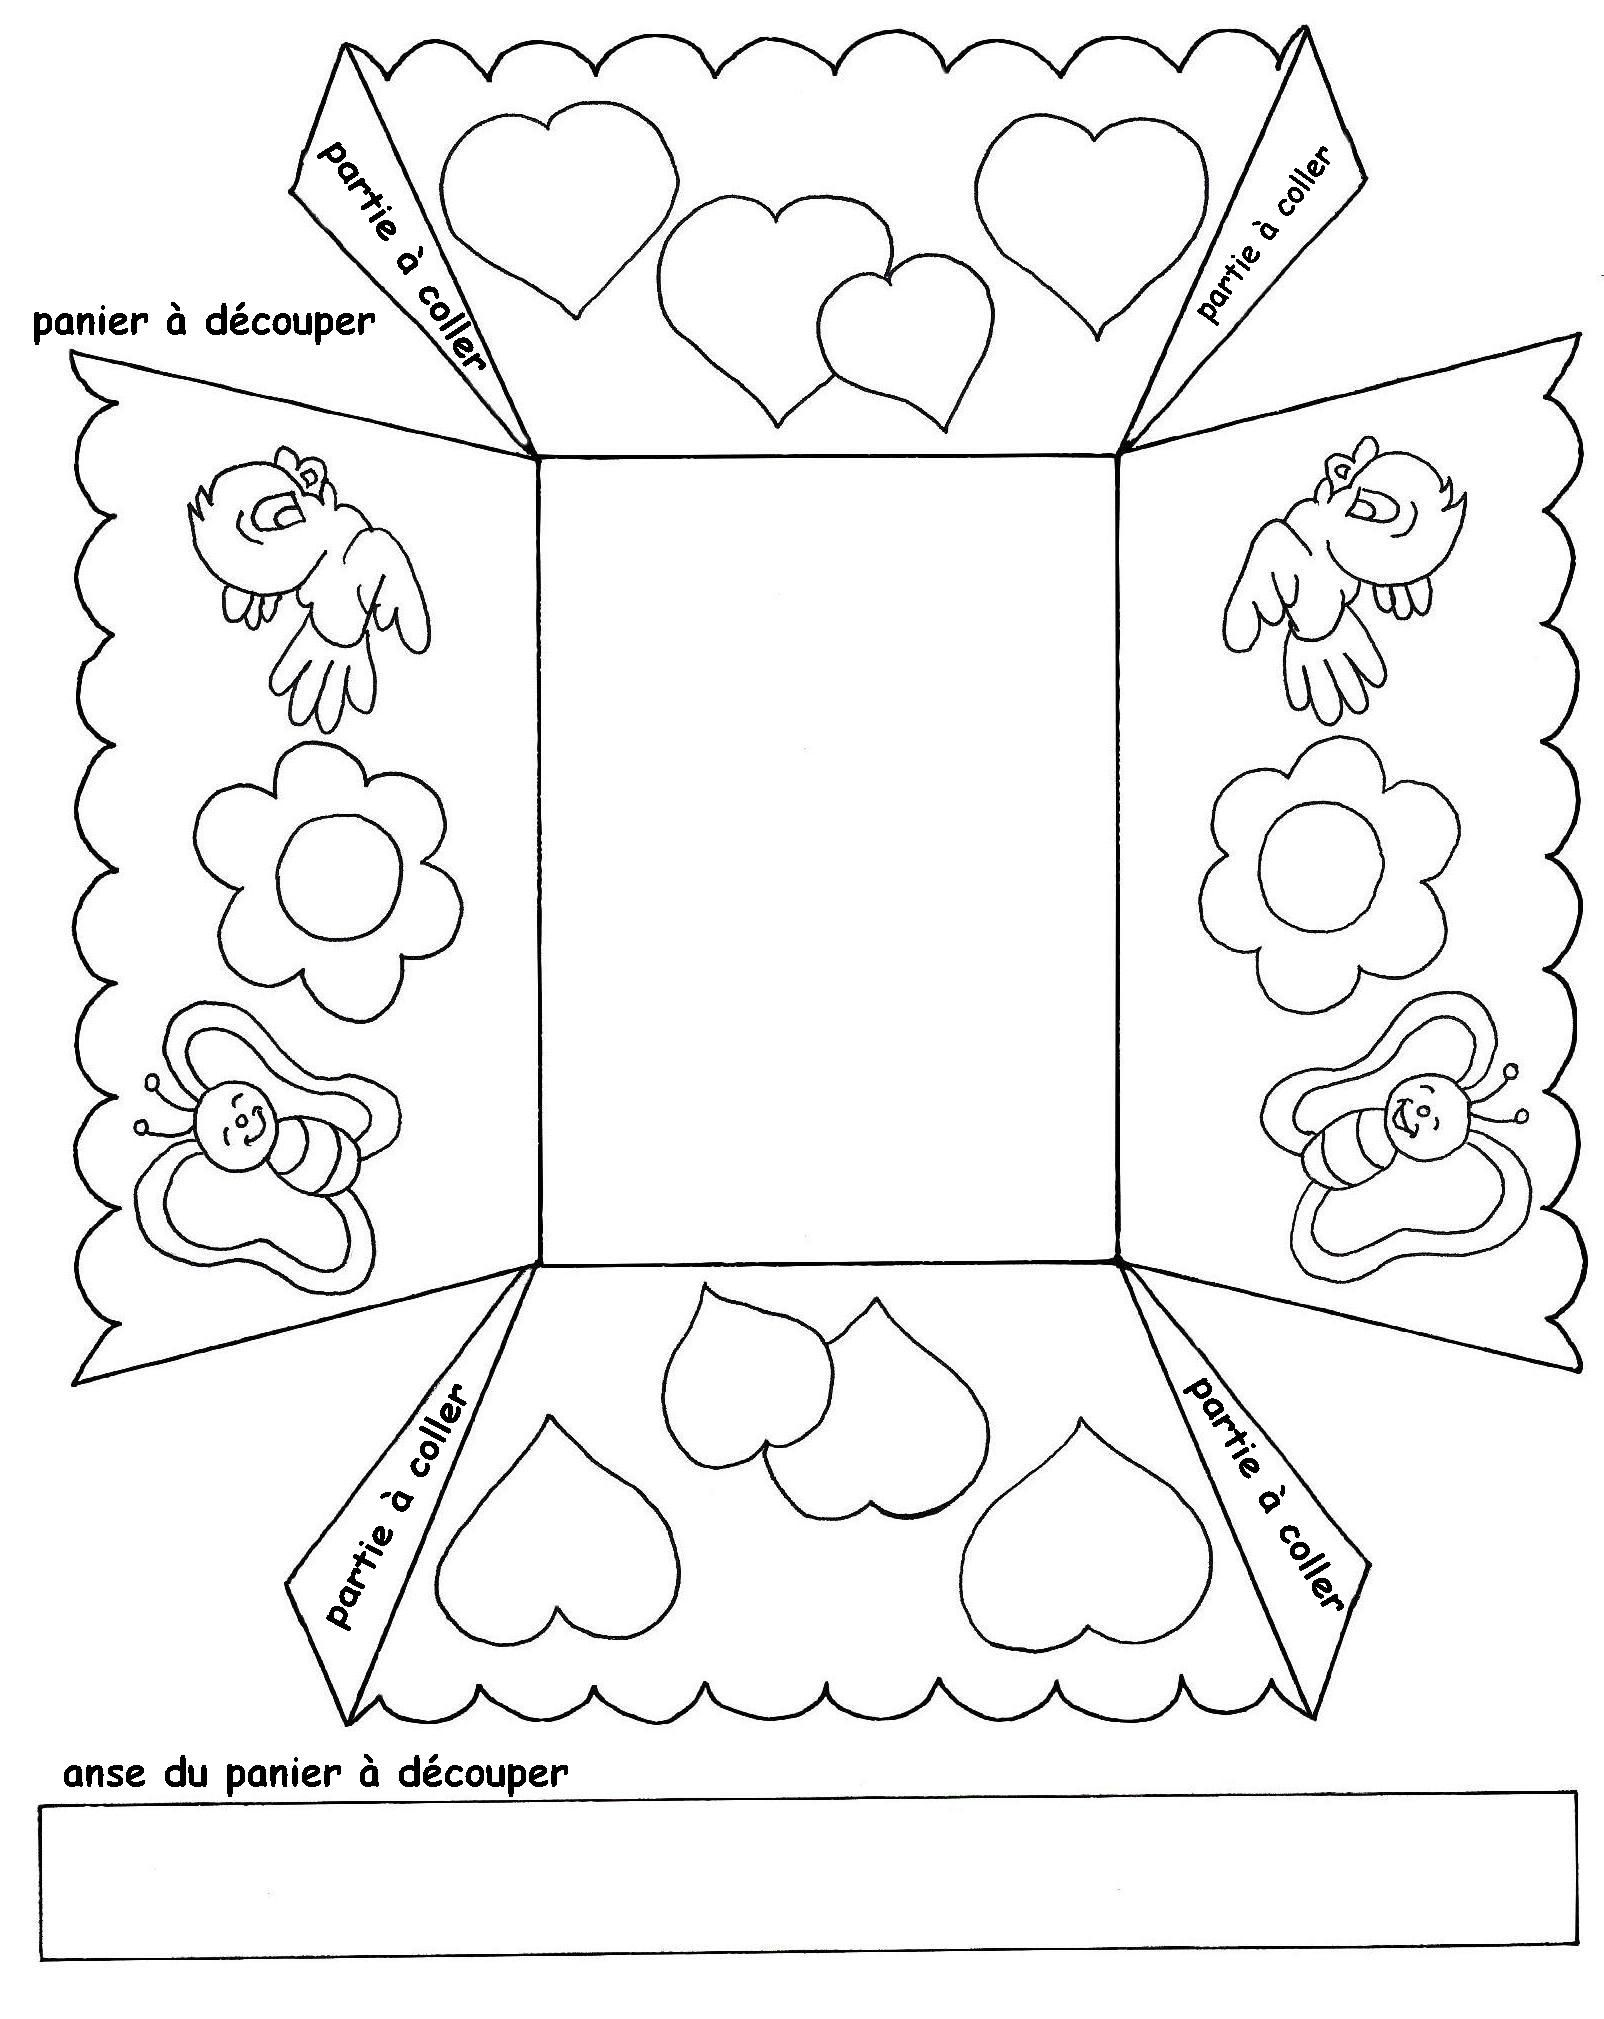 Petit panier pr d cor coloriage pinterest petit panier panier et p ques - Panier de paques a fabriquer ...